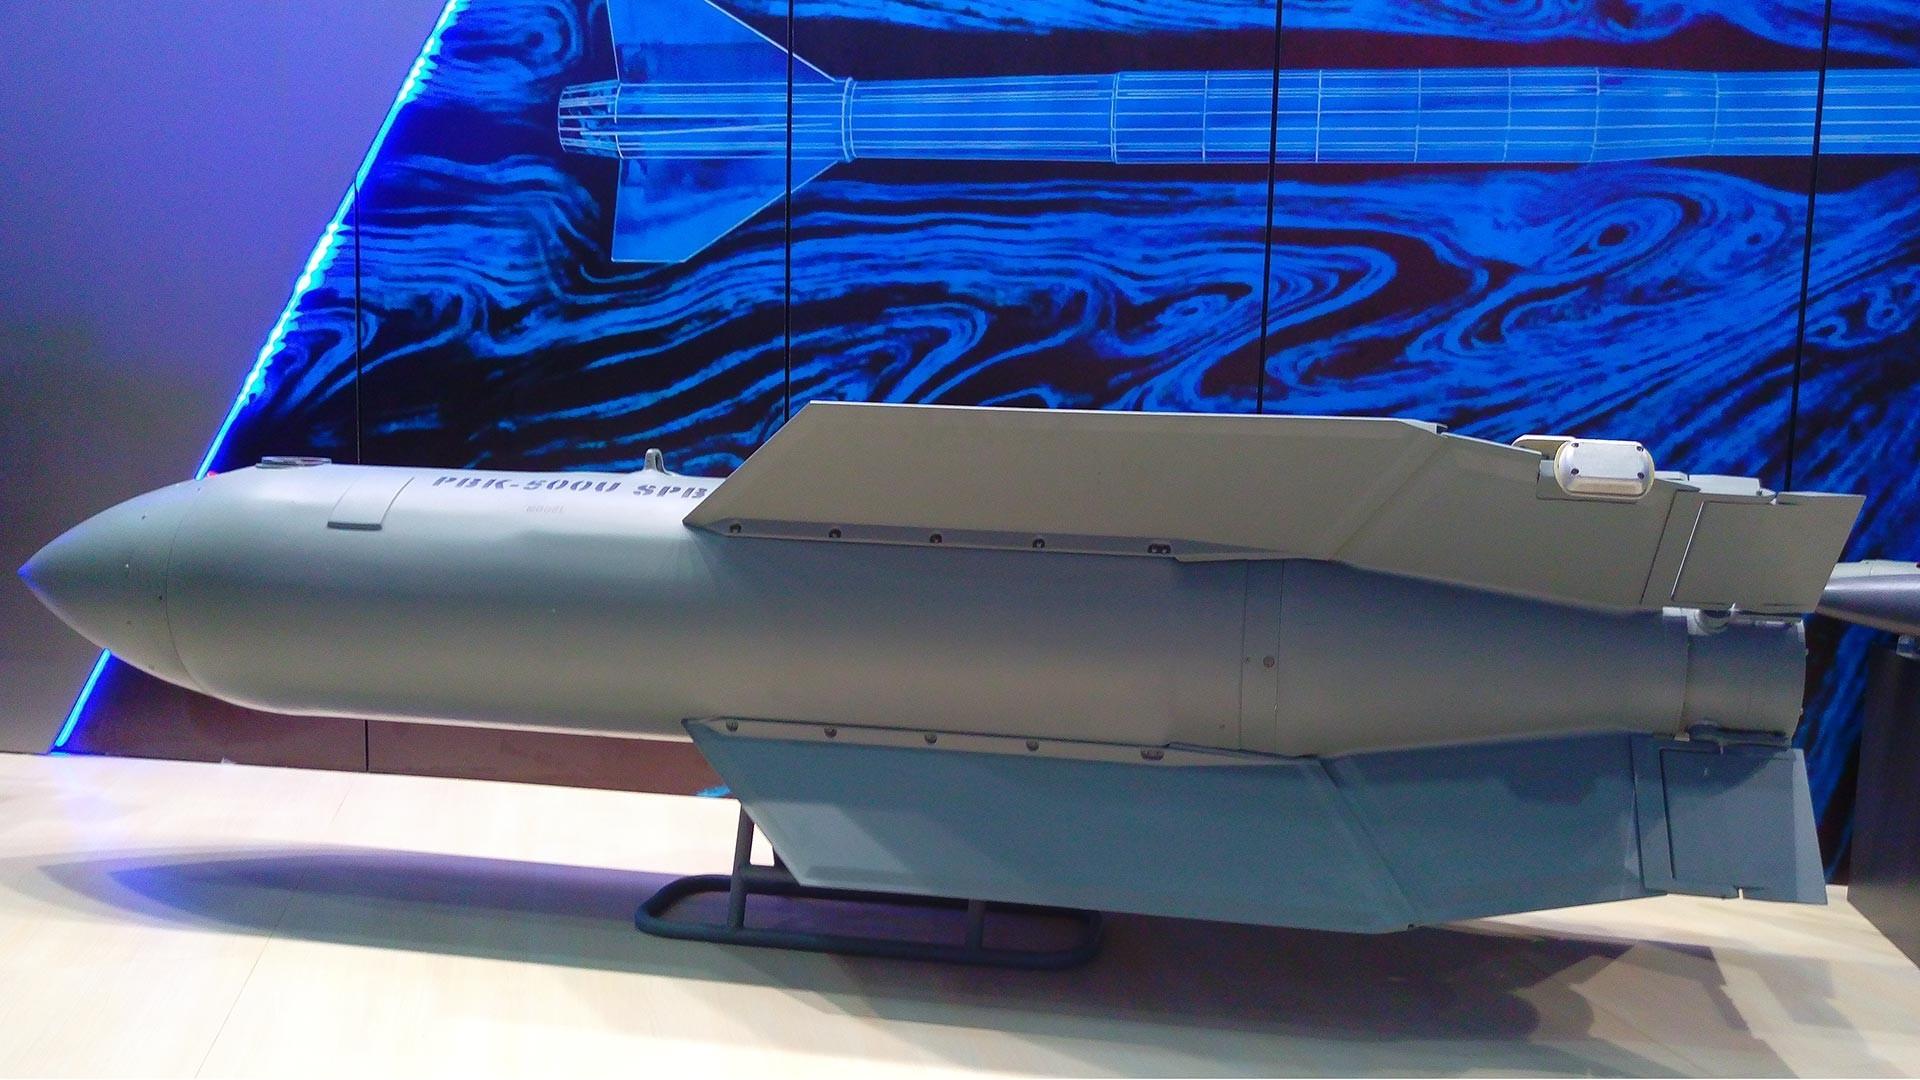 """Руската планирачка авиобомба """"Дрељ"""" со ефективен дострел од 30 километри на """"Армија-2016"""""""